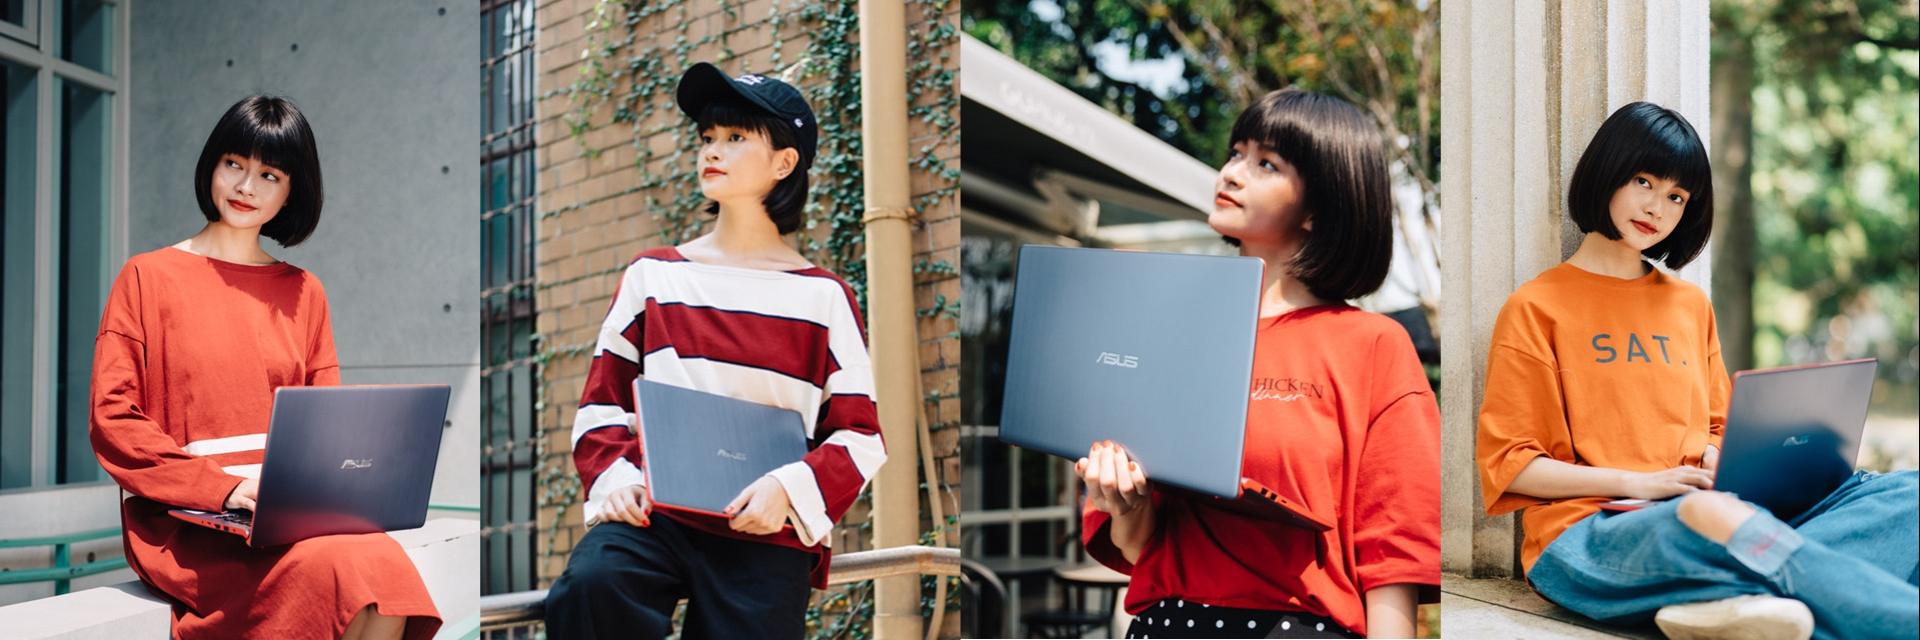 雙 V 旋風?孟耿如帶起最新 VivoBook 雙 V 舞,你還不快跟上一起跳?!